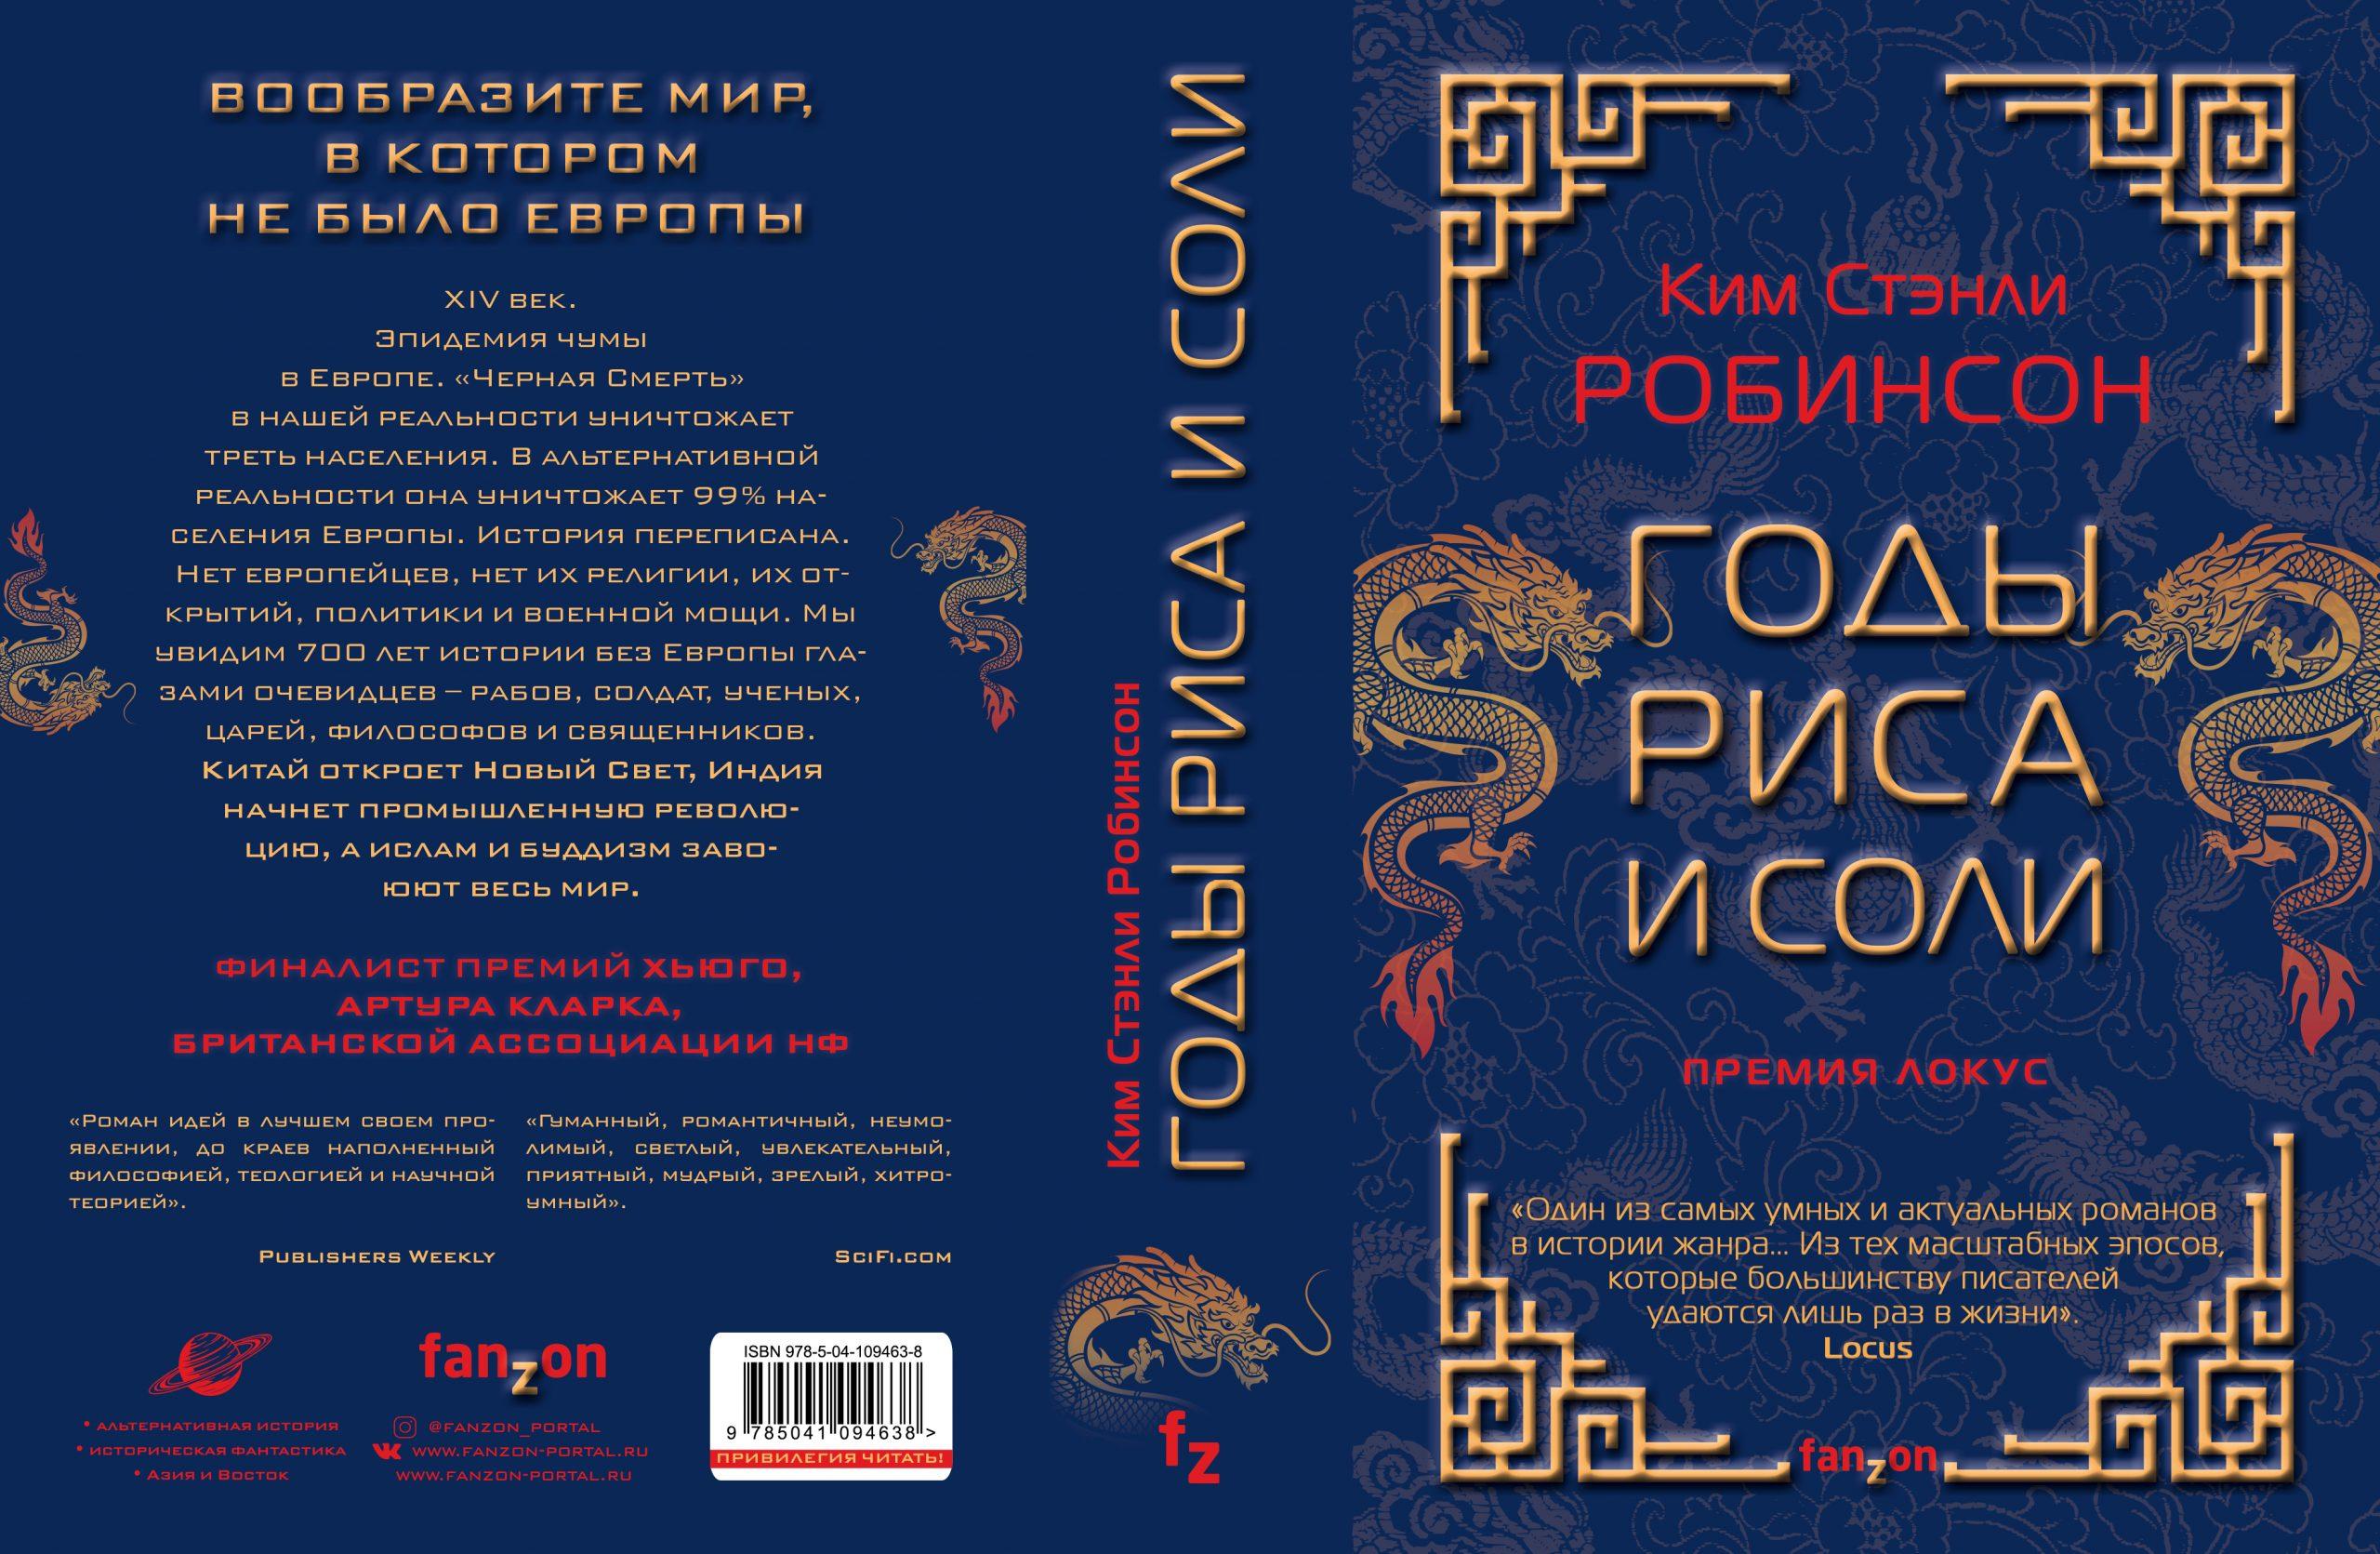 Что почитать: космоопера Филипа Рива и альтернативная история Кима Стэнли Робинсона 1